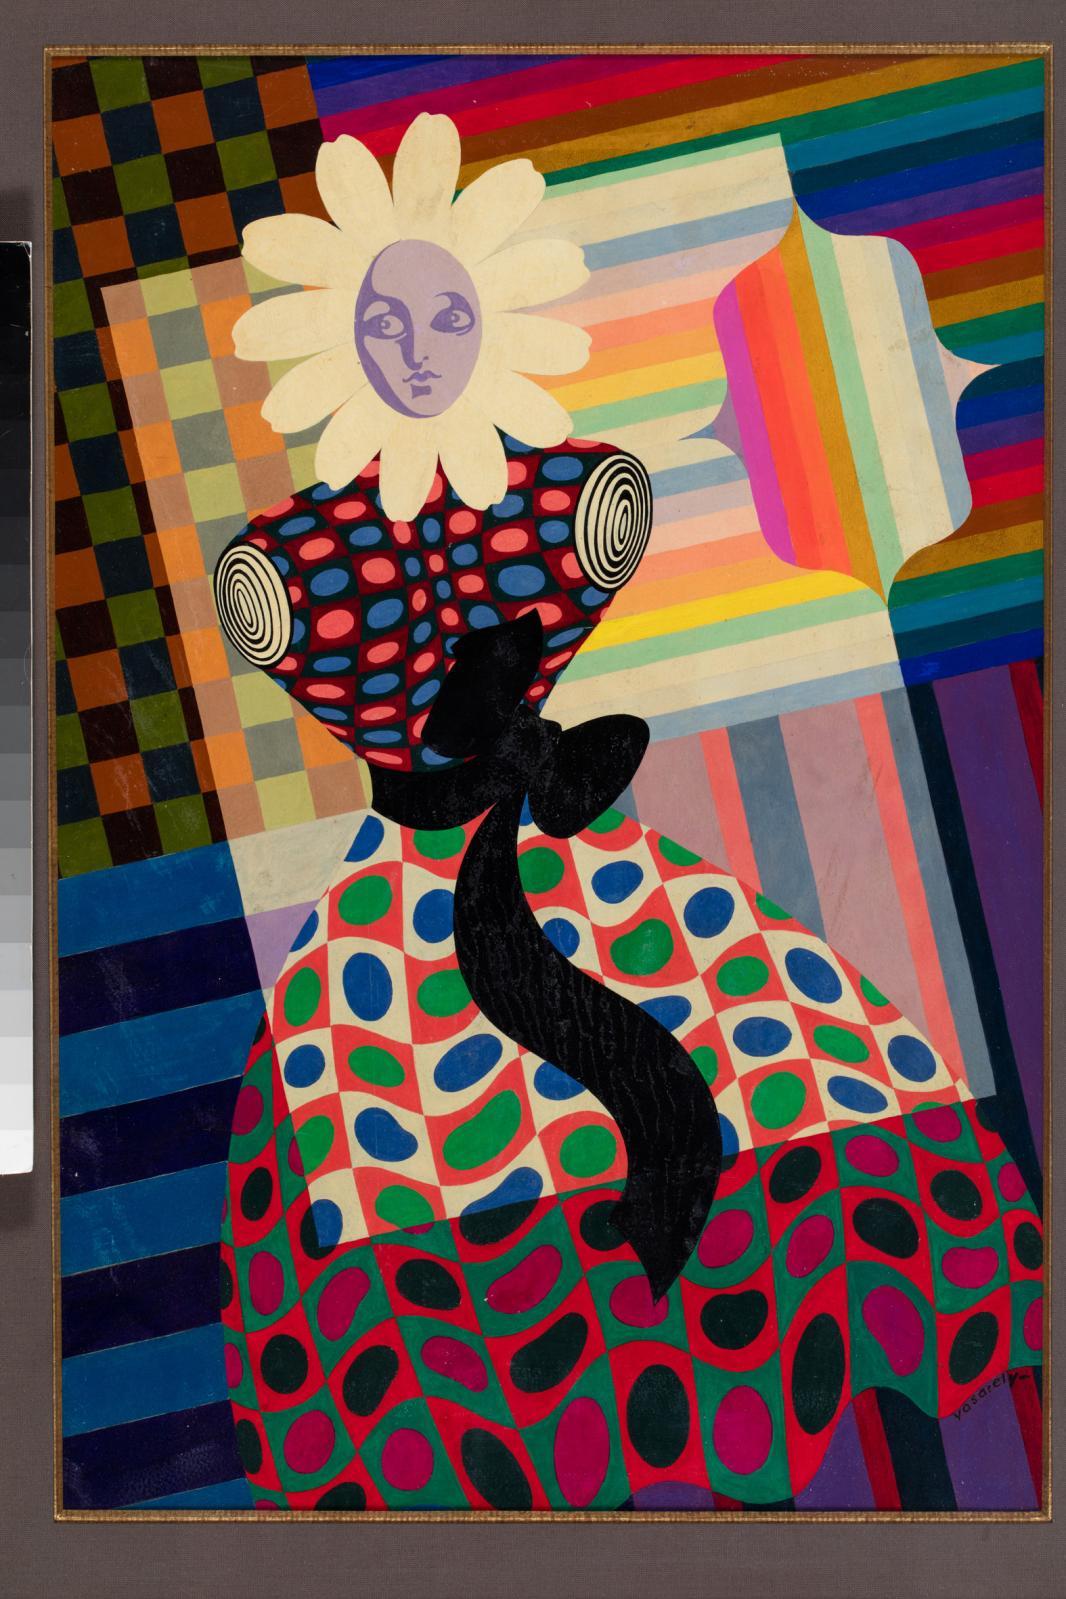 La Fille Fleur, 1932-45, huile sur carton, 55,5x37,57cm, collection privée, musée Vouland.